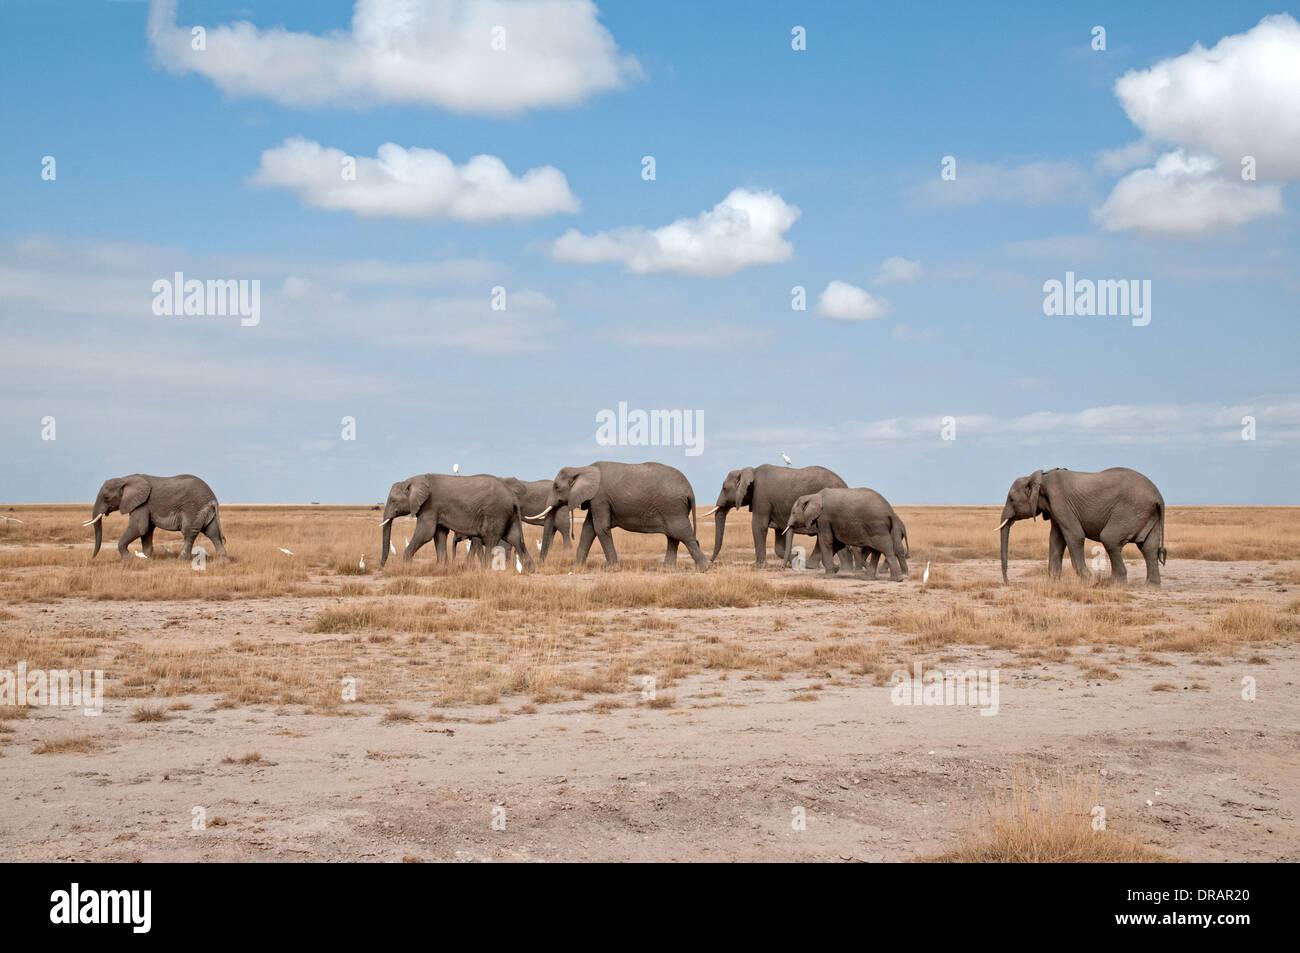 Troupeau de la famille des éléphants femelles adultes et de veaux déplacent à travers les plaines de Parc National d'Amboseli Kenya Afrique de l'Est Photo Stock